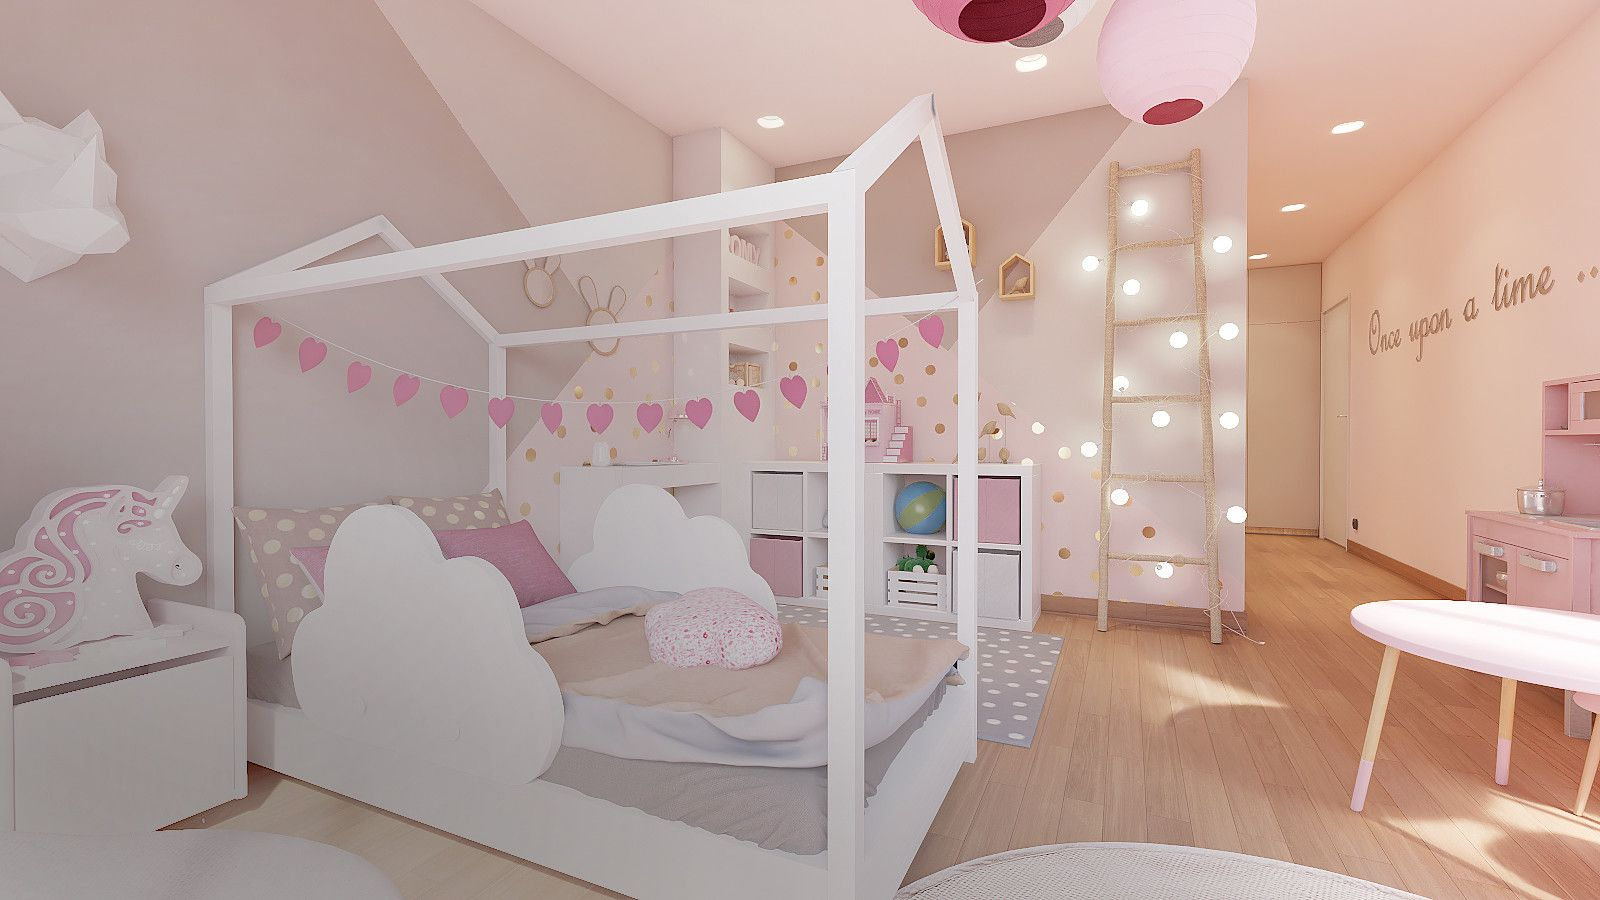 Chambre petite fille  Chambre enfant, Décoration intérieure, Deco